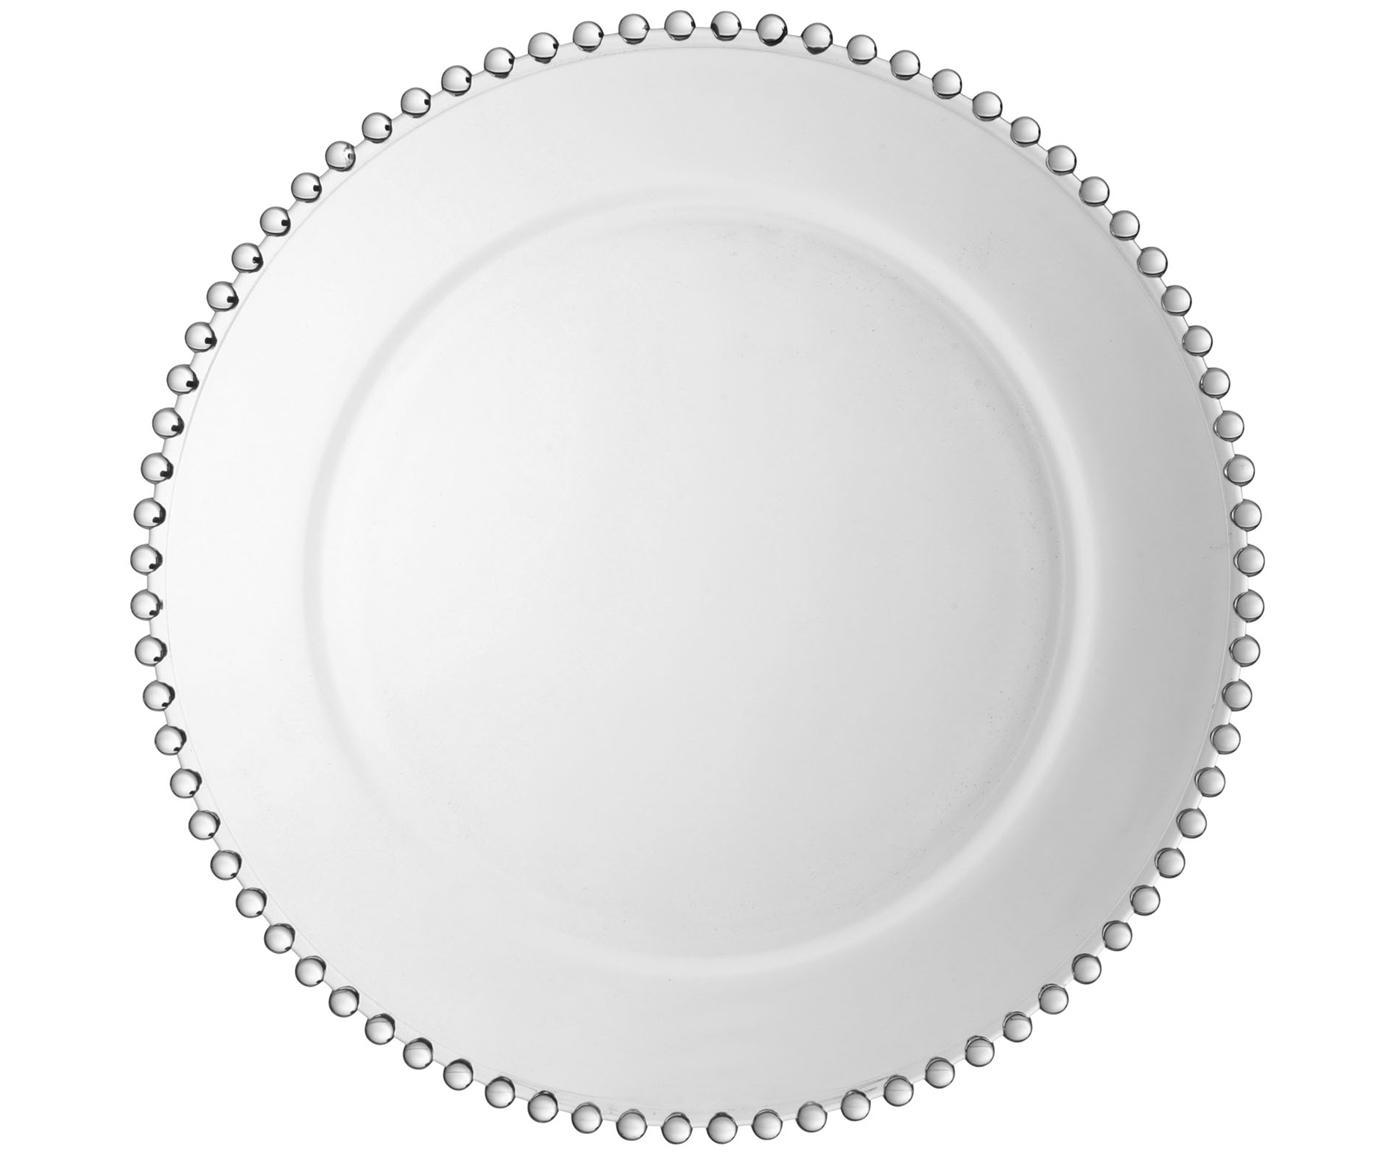 Podstawka pod talerz Perles, Szkło, Transparentny, Ø 33 cm